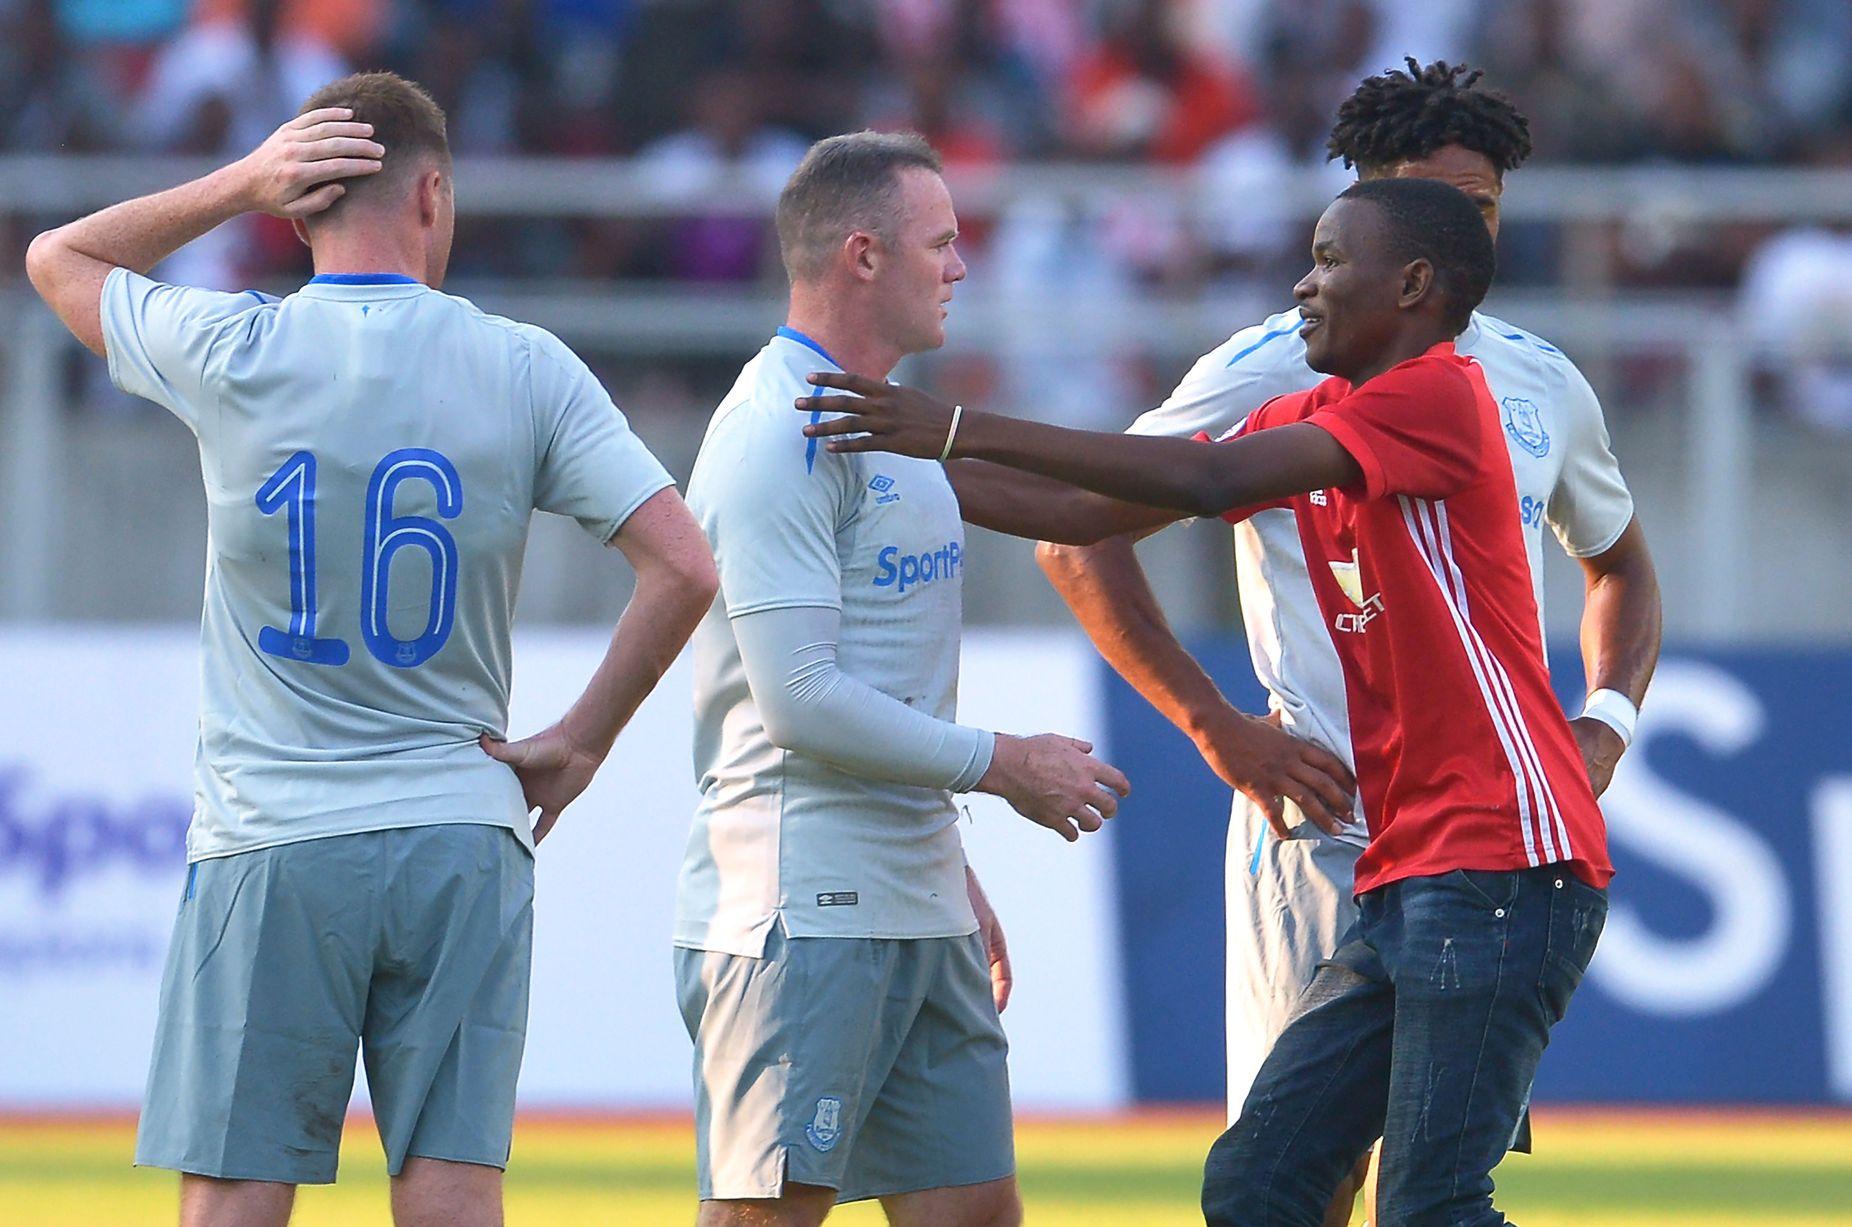 Picha 5 za shabiki wa Man United aliyeingia uwanjani kumkumbatia Rooney Gor Mahia ikimenyana na Everton